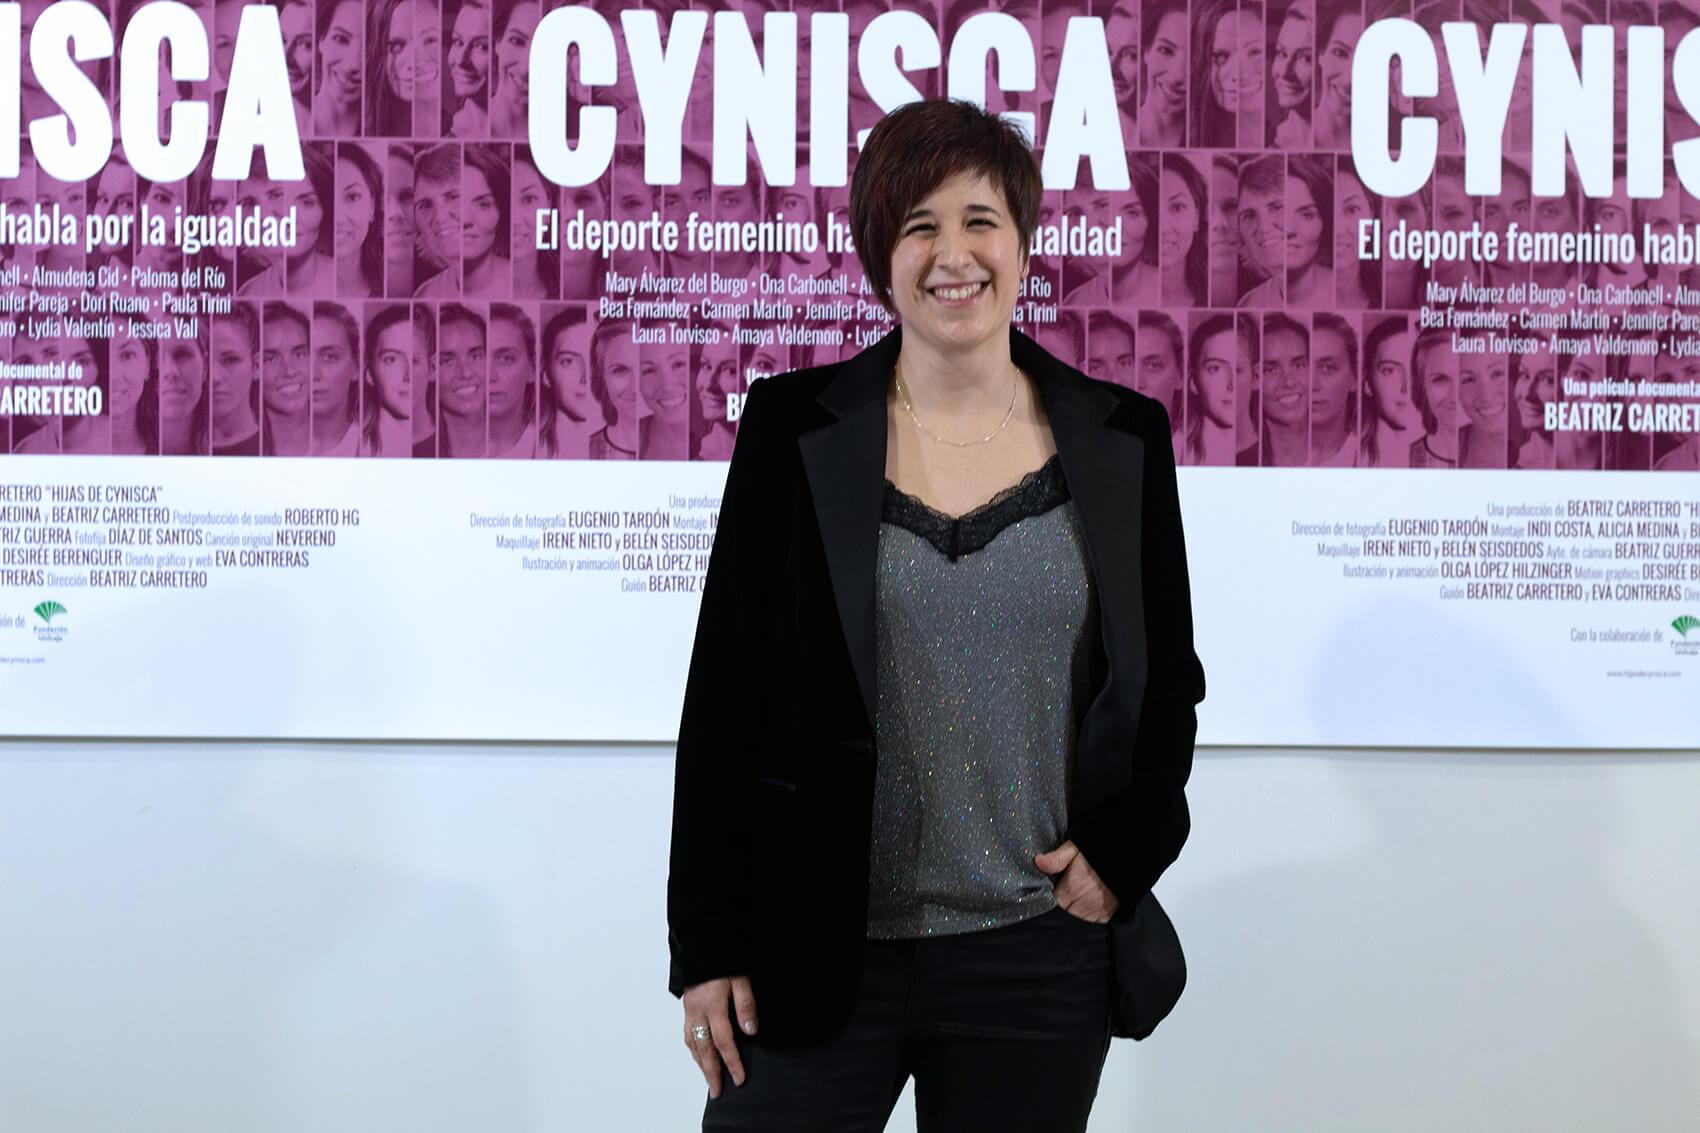 Beatriz Carretero